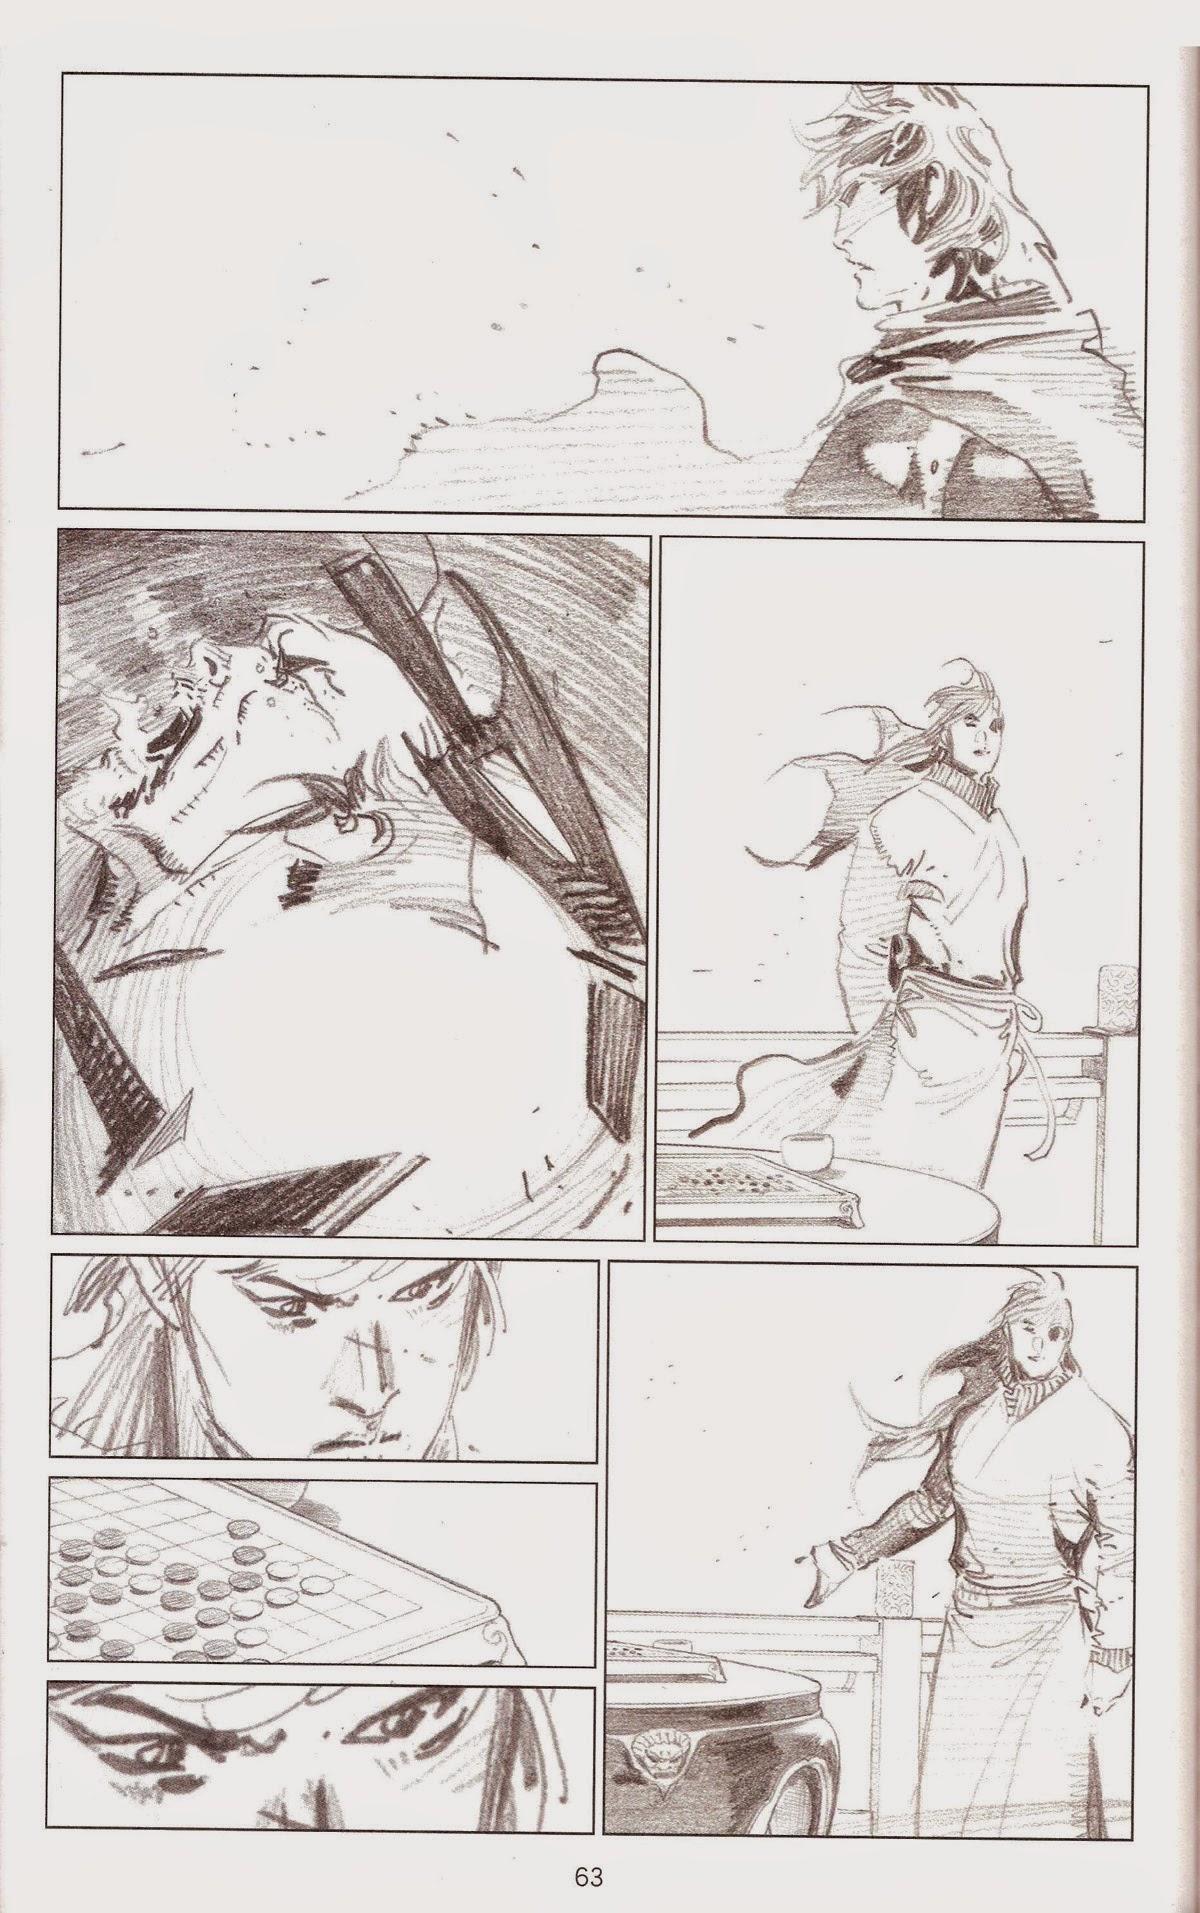 Phong Vân chap 675 - Trang 61